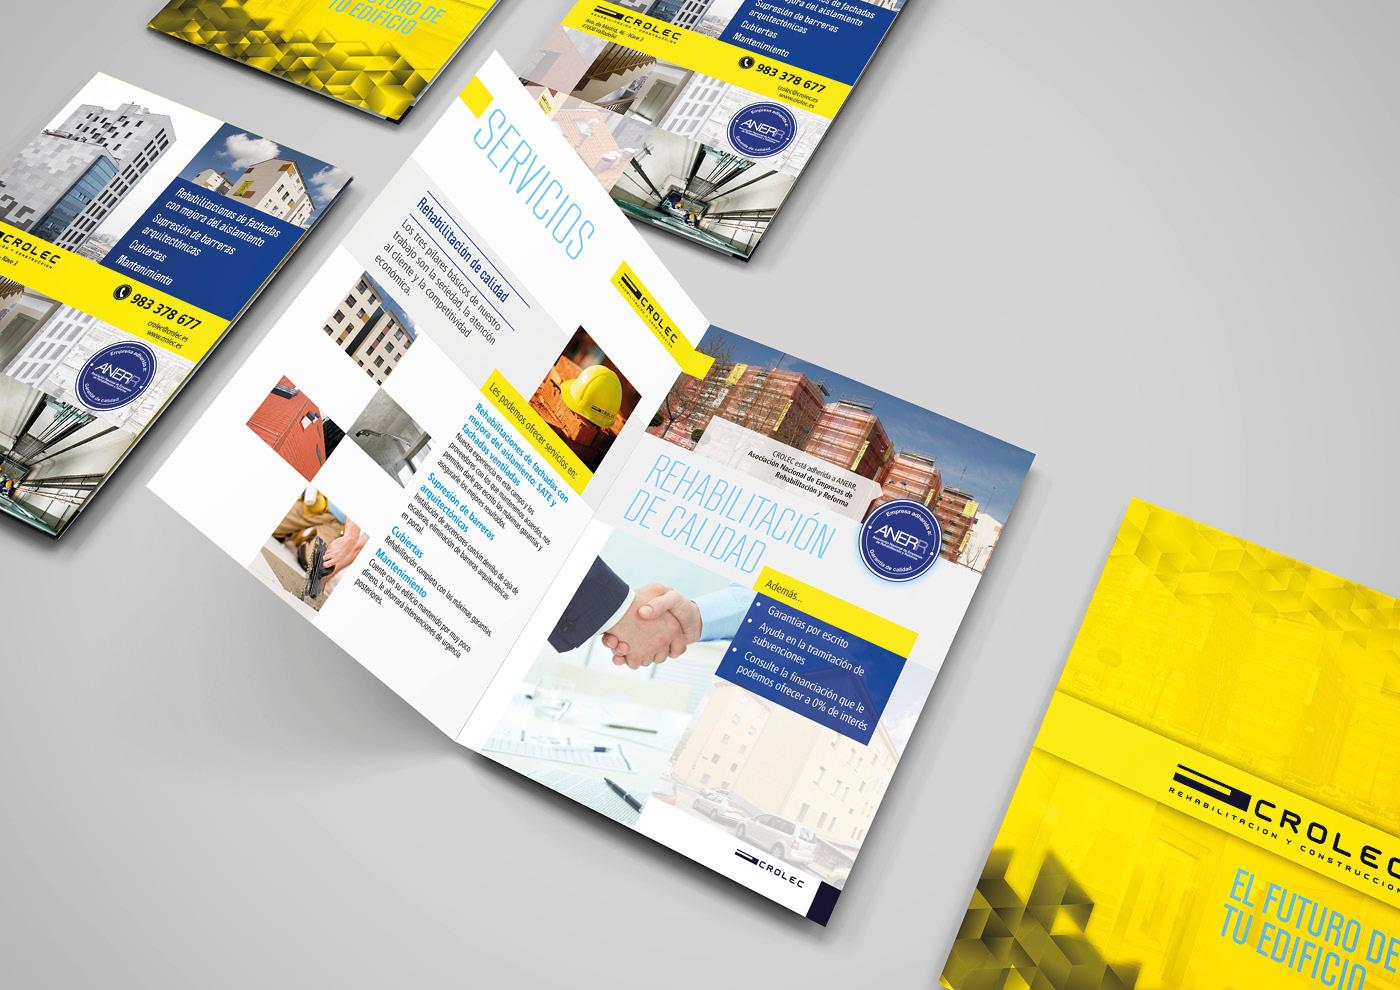 Crolec - Catálogo rehabilitación y construcción - Ivan Diez